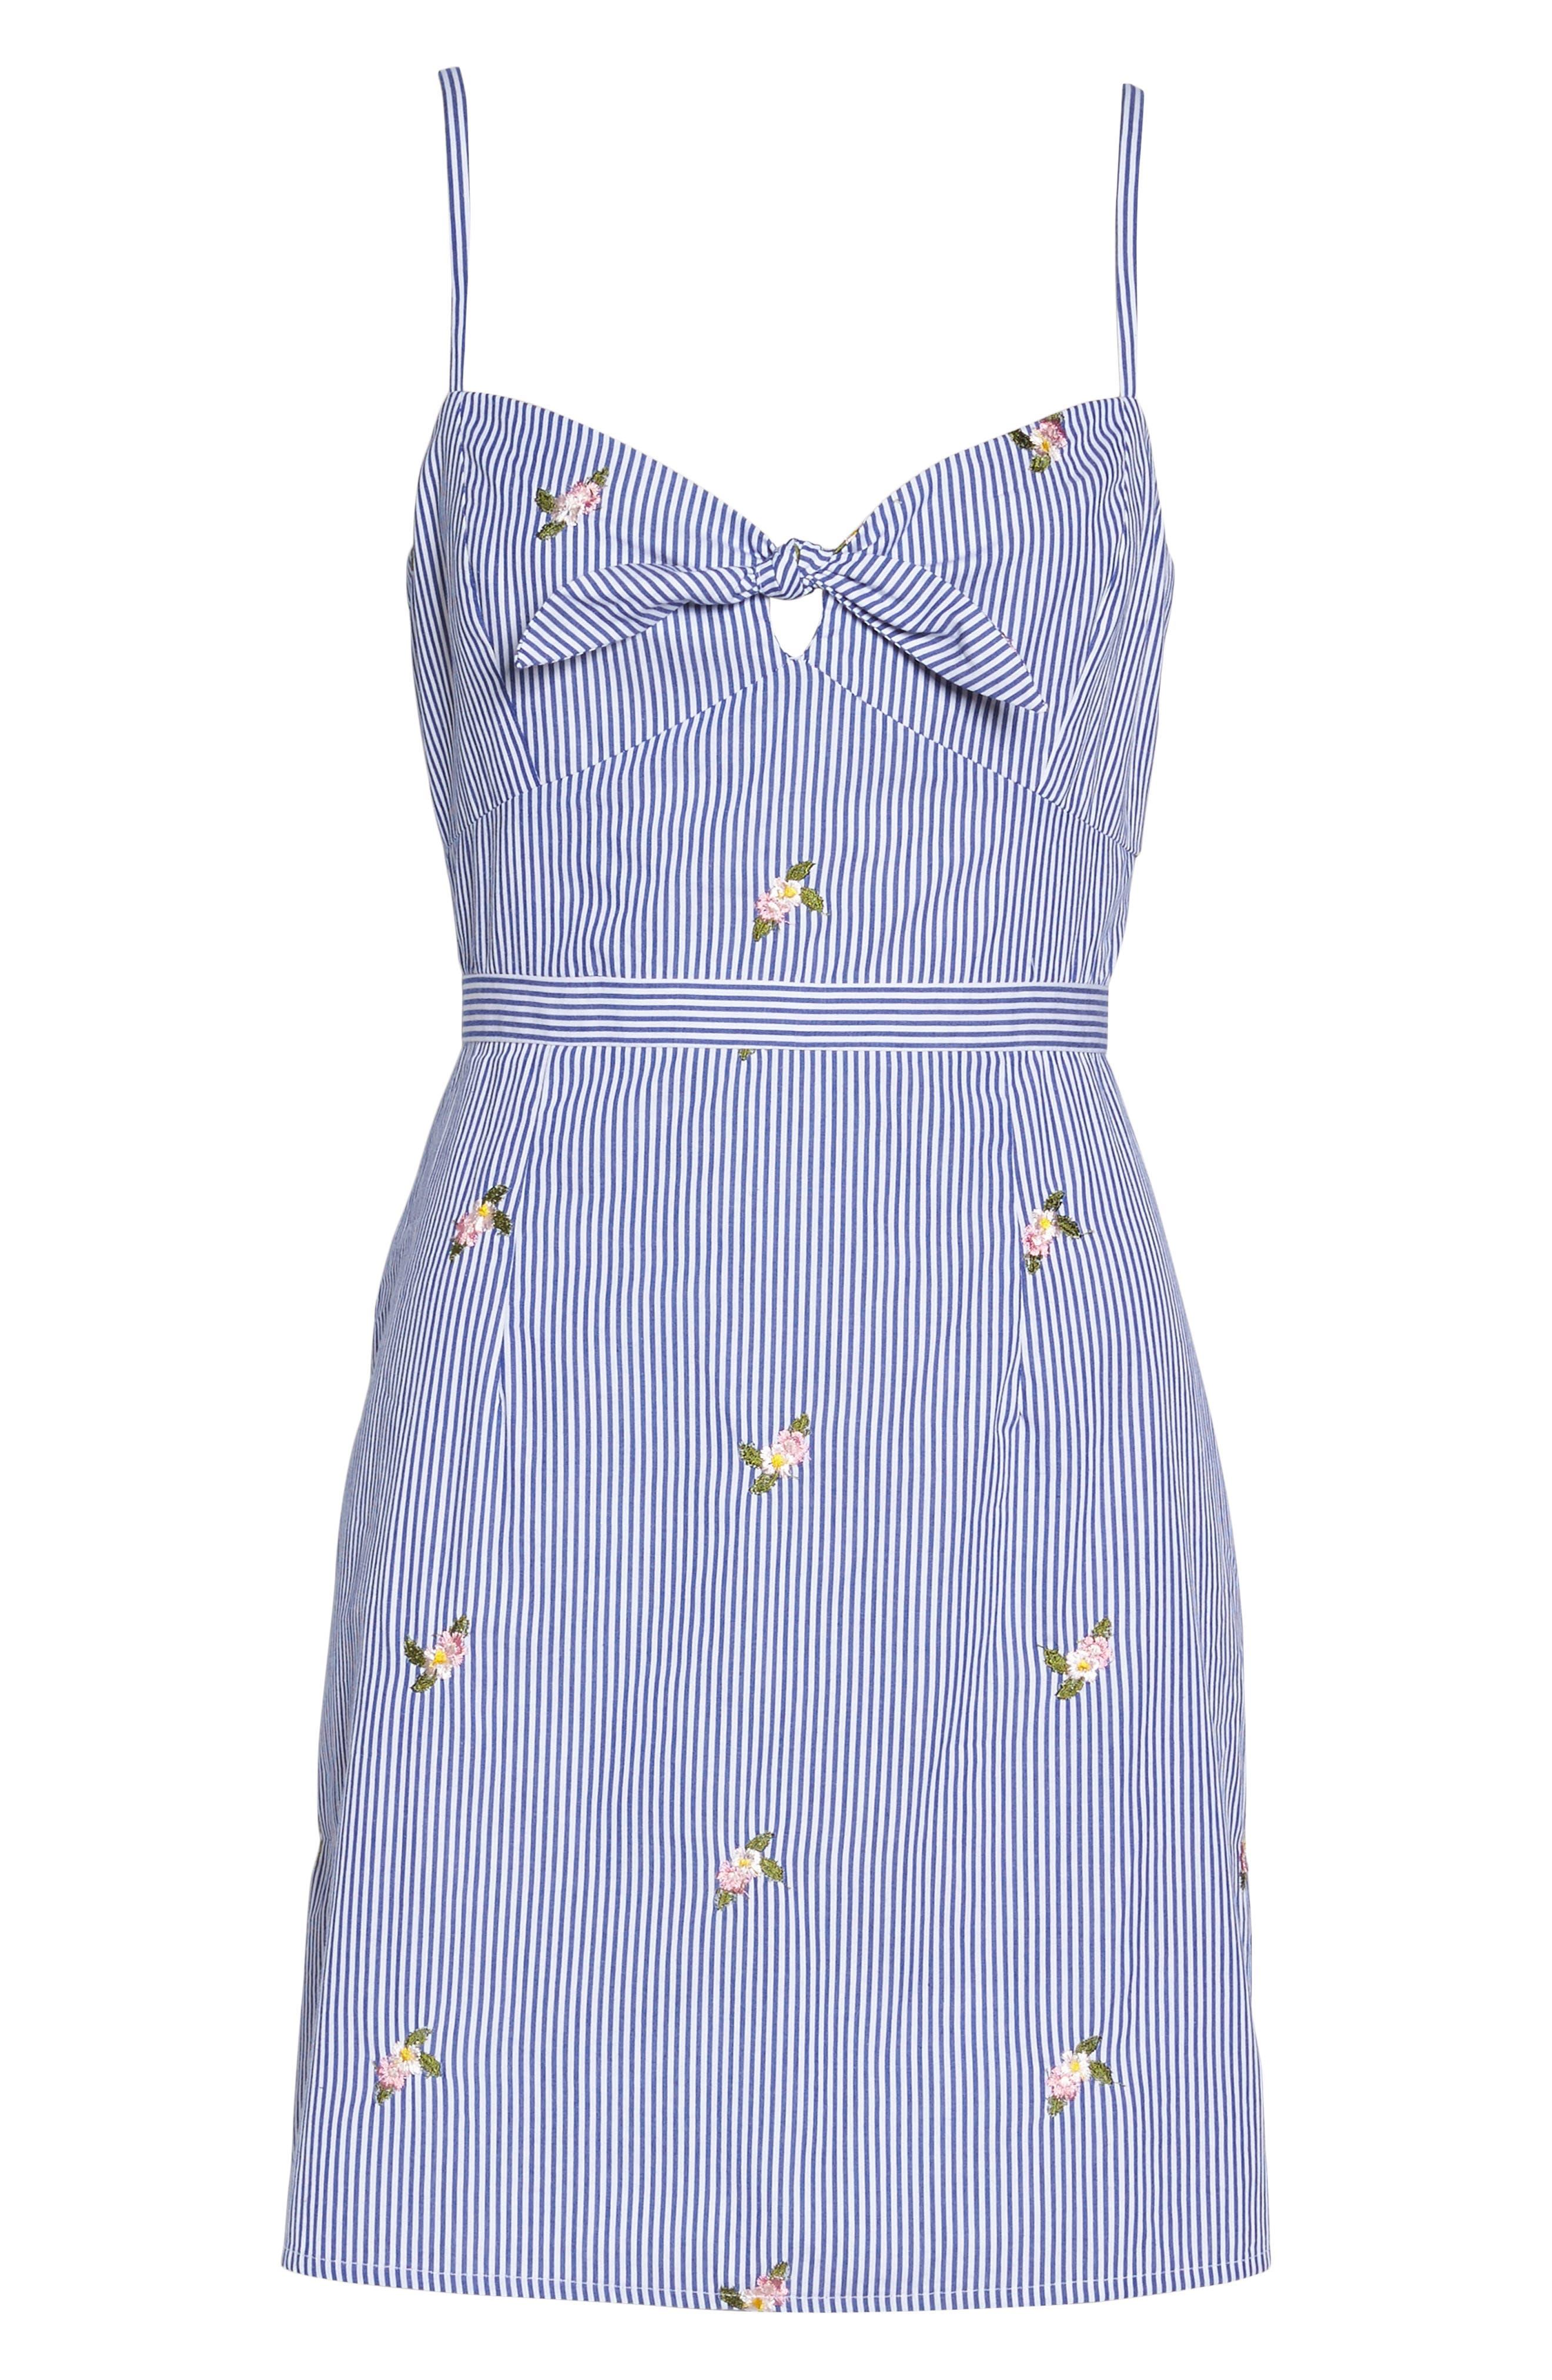 Stripe Bow Front Sundress,                             Alternate thumbnail 7, color,                             Blue/ White